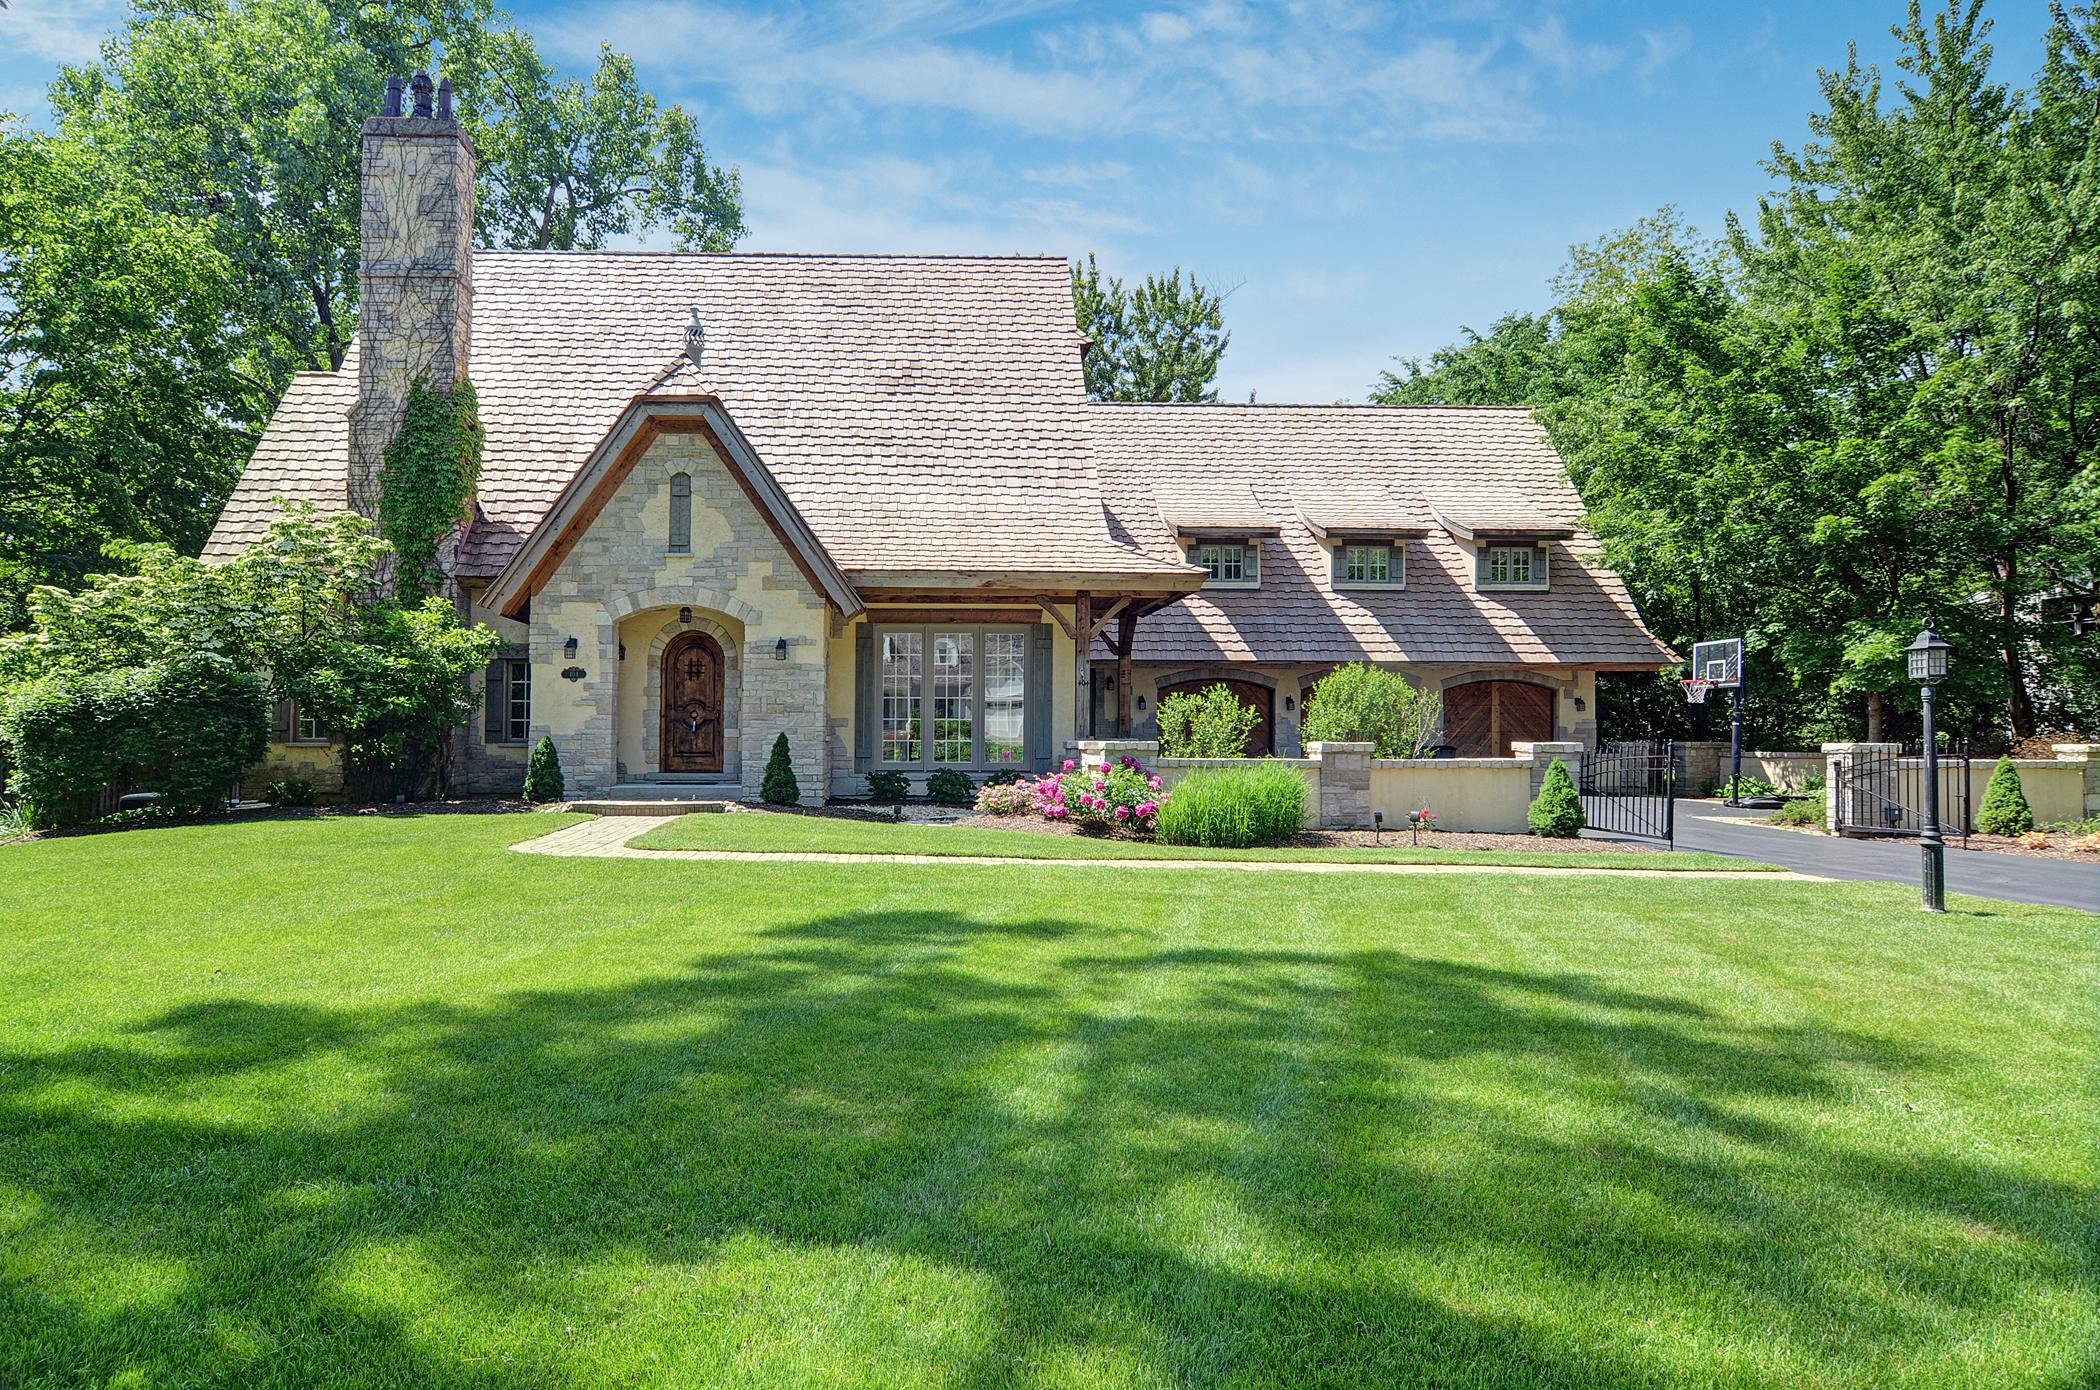 Tek Ailelik Ev için Satış at Birchwood Road 404 Birchwood Rd Hinsdale, Illinois, 60521 Amerika Birleşik Devletleri